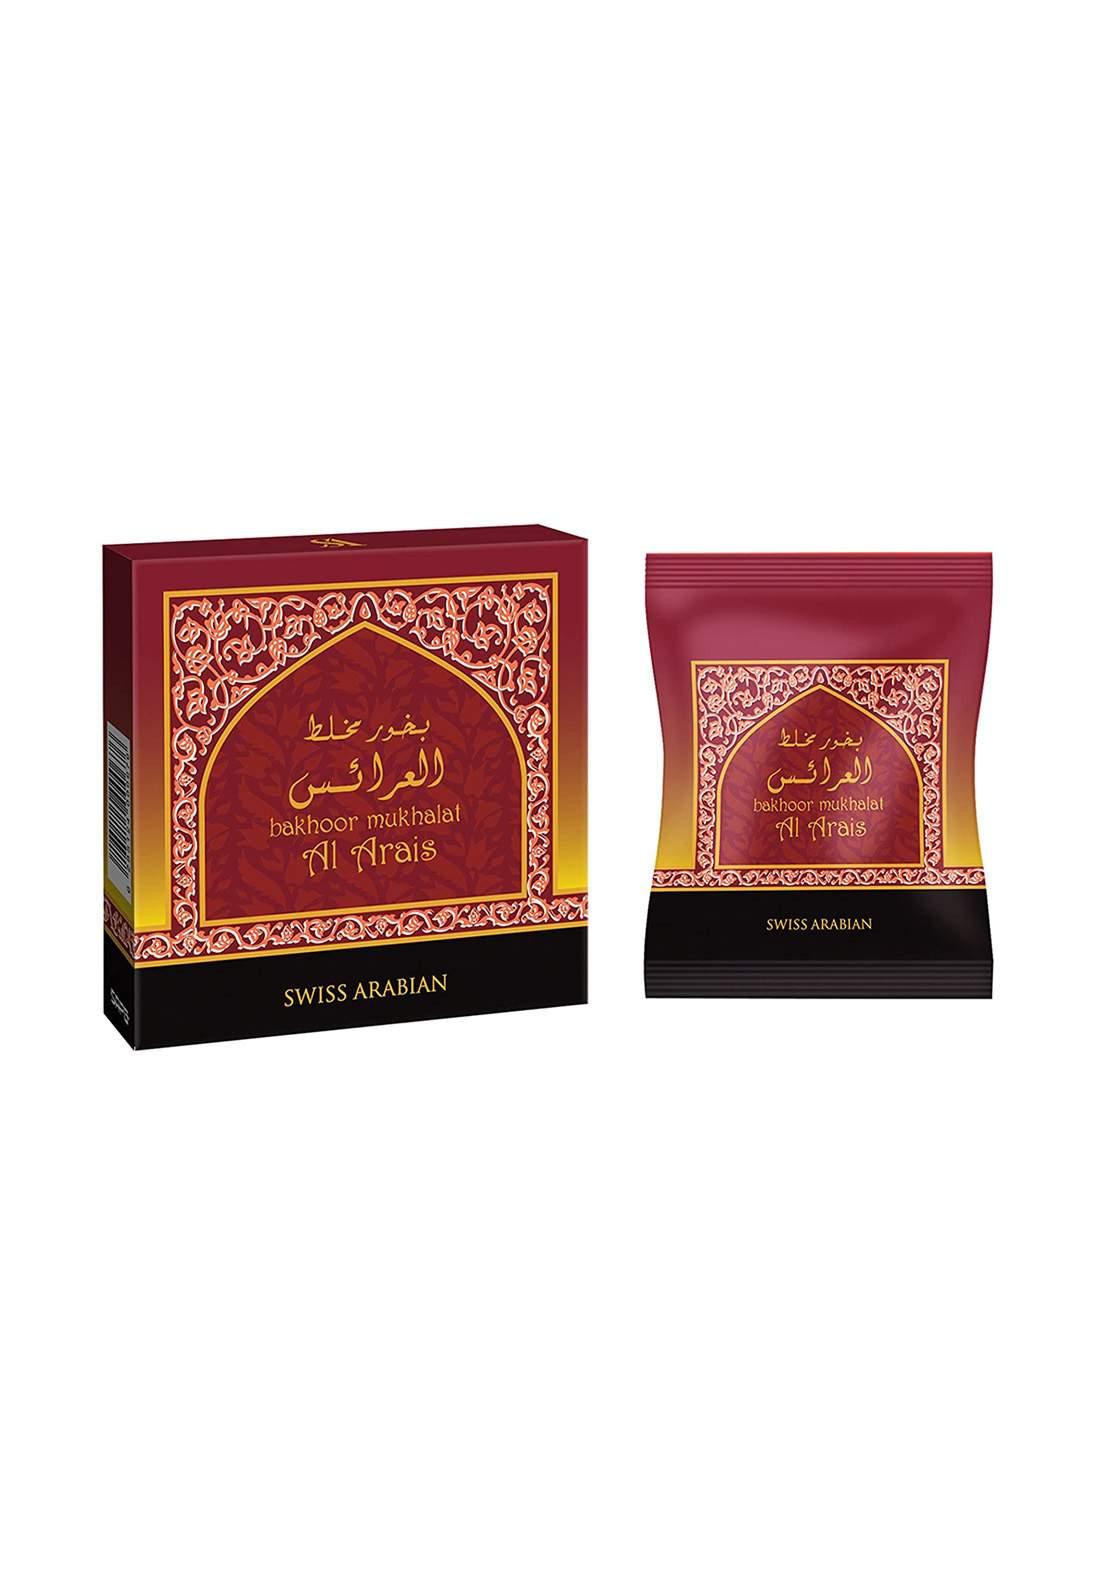 Swiss Arabian 1401 Bakhoor Mukhalat Alarais بخور